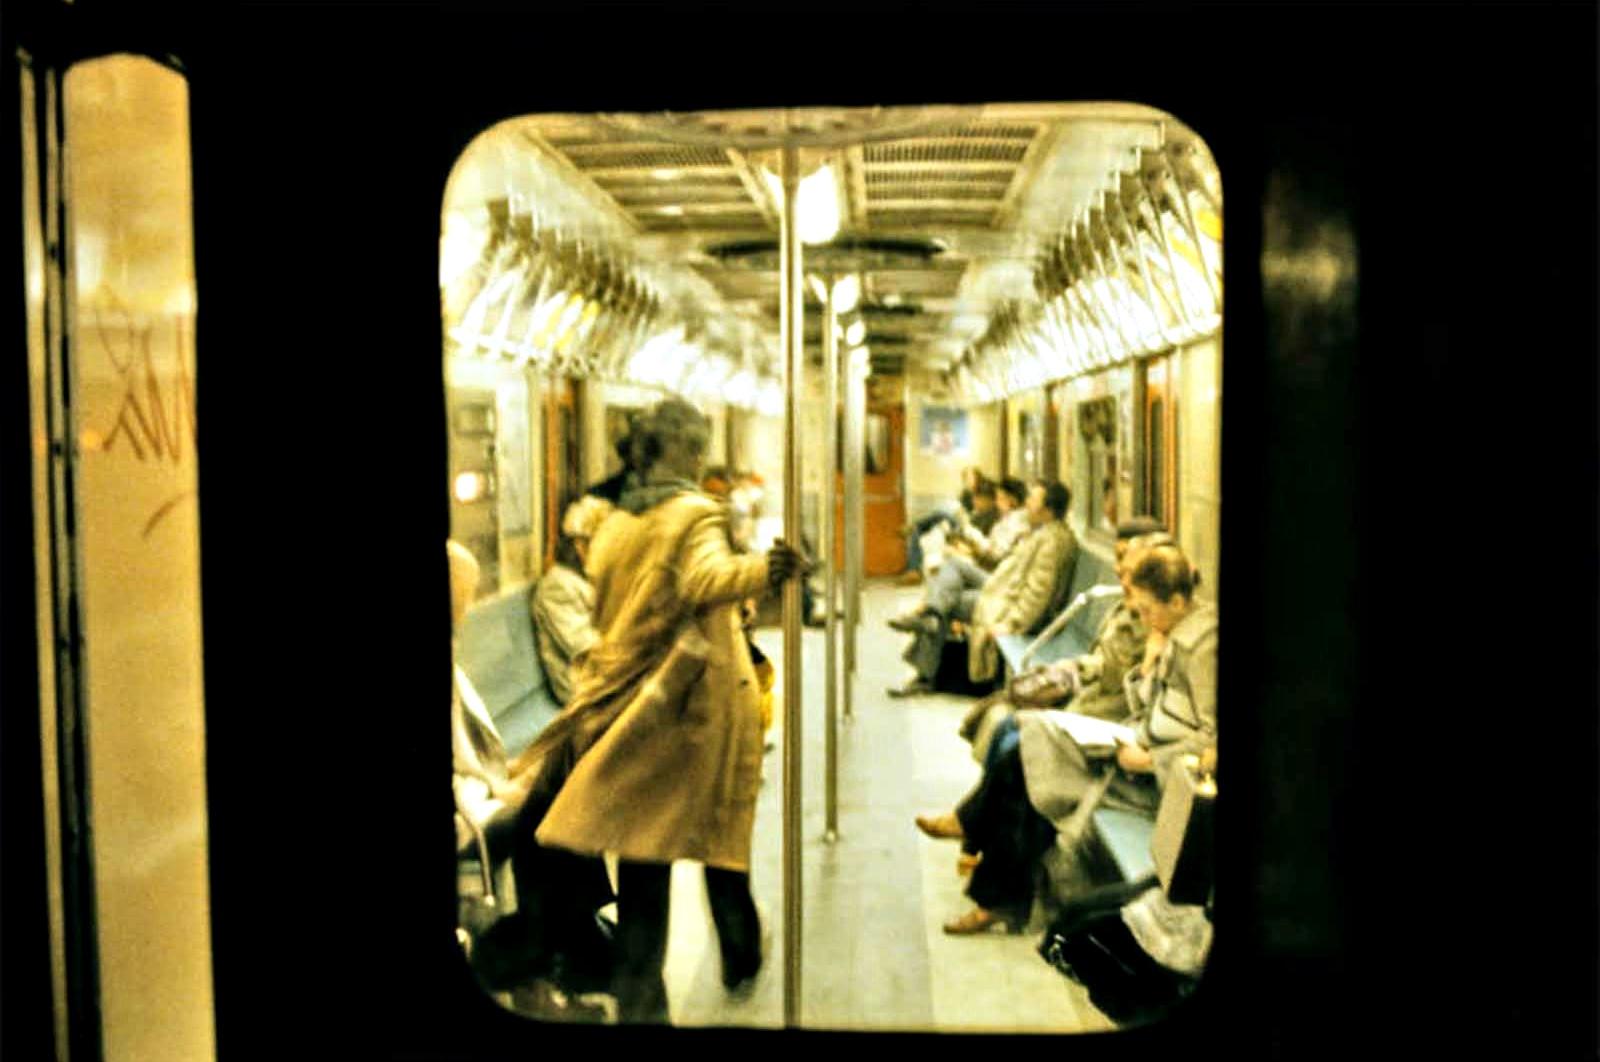 """В края на 70-те и началото на 80-те г. на ХХ в. швейцарският фотограф Уили Спилър прави поредица от снимки в нюйорксокото метро, които по-късно стават известни като """"Ад на колела"""". В своята поредица той показва красотата и тъминаната на метрото, превръщайки труда си в една цветна поема за мегаполиса и неговите хора."""